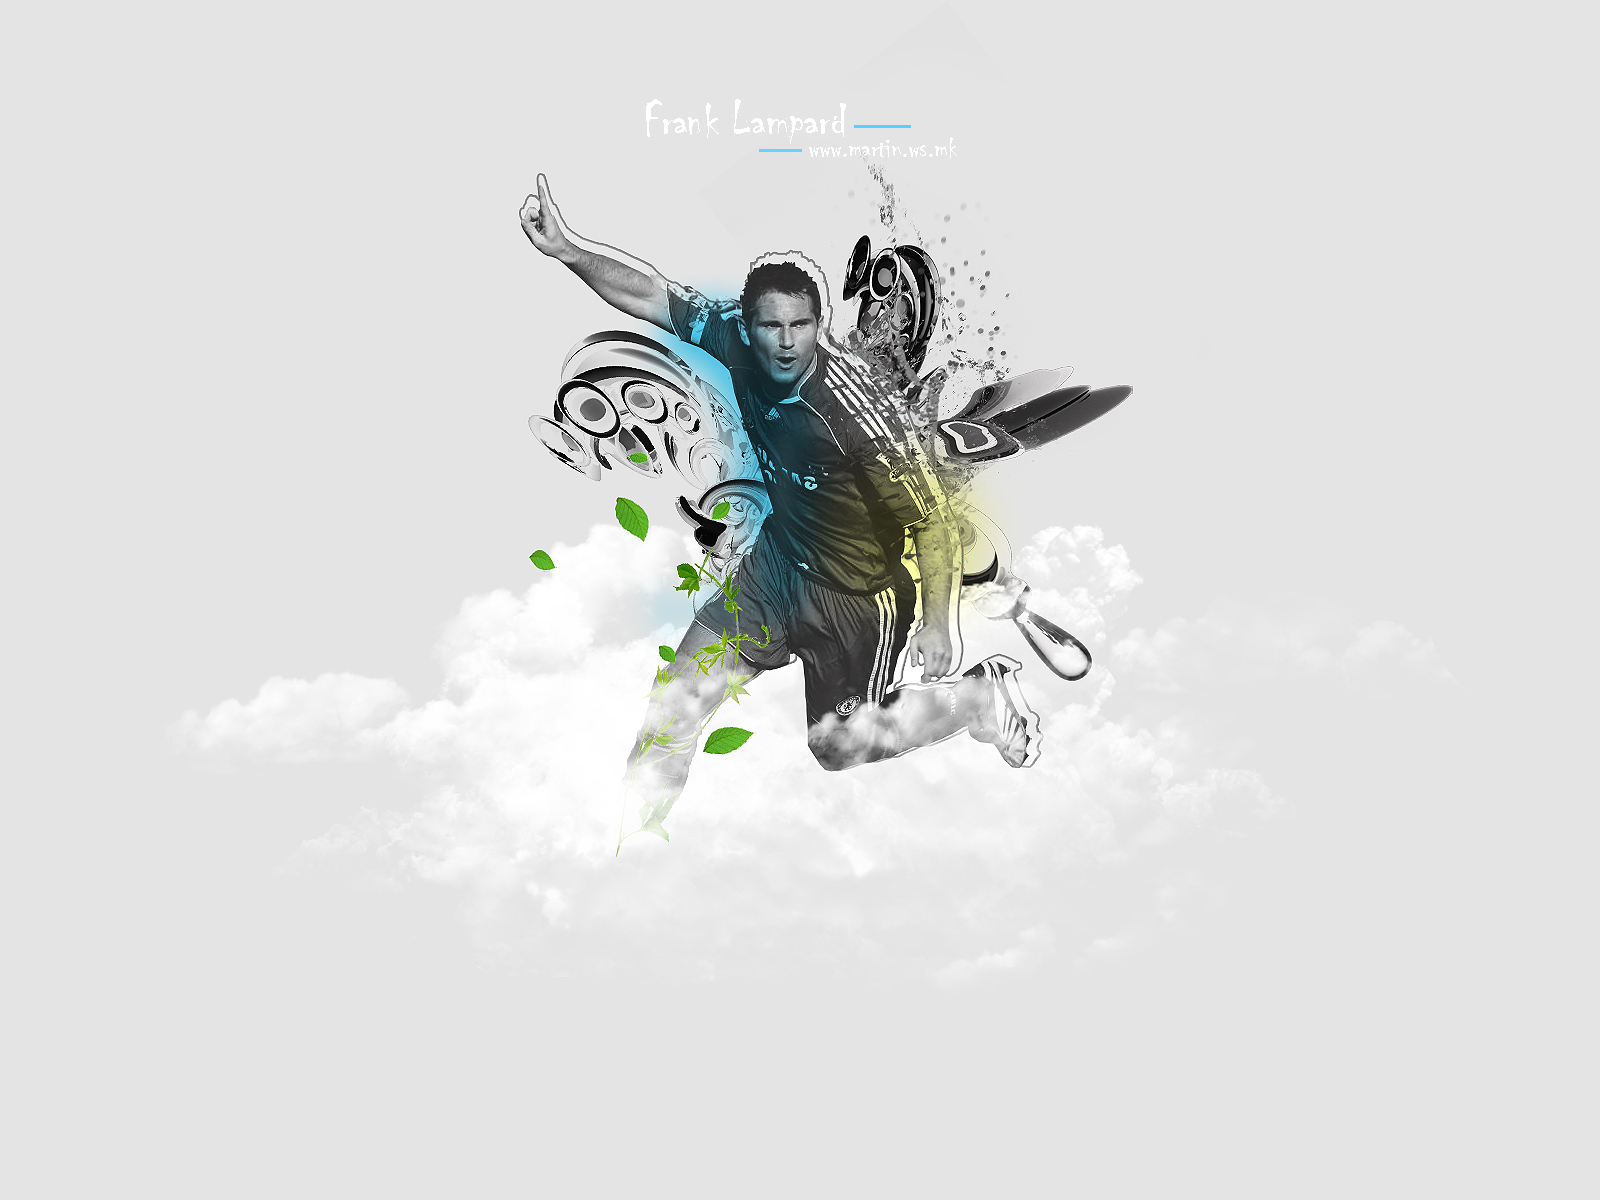 Frank Lampard by Martinstojcev